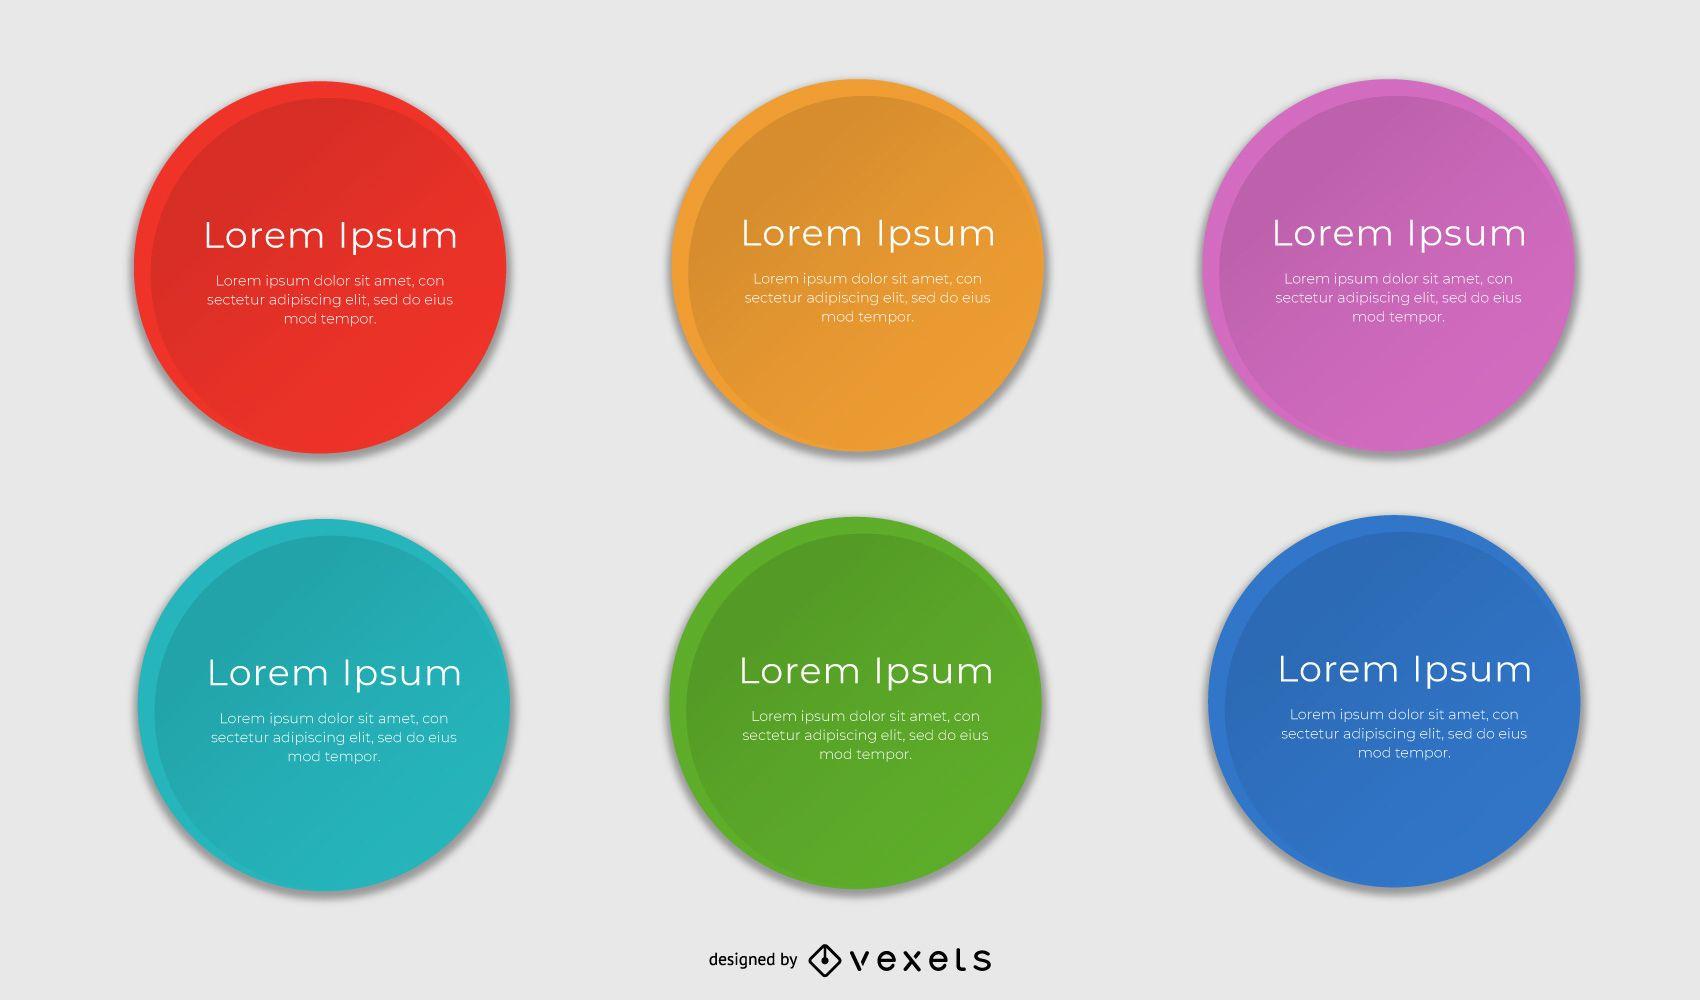 Caixas de texto arredondadas multicoloridas